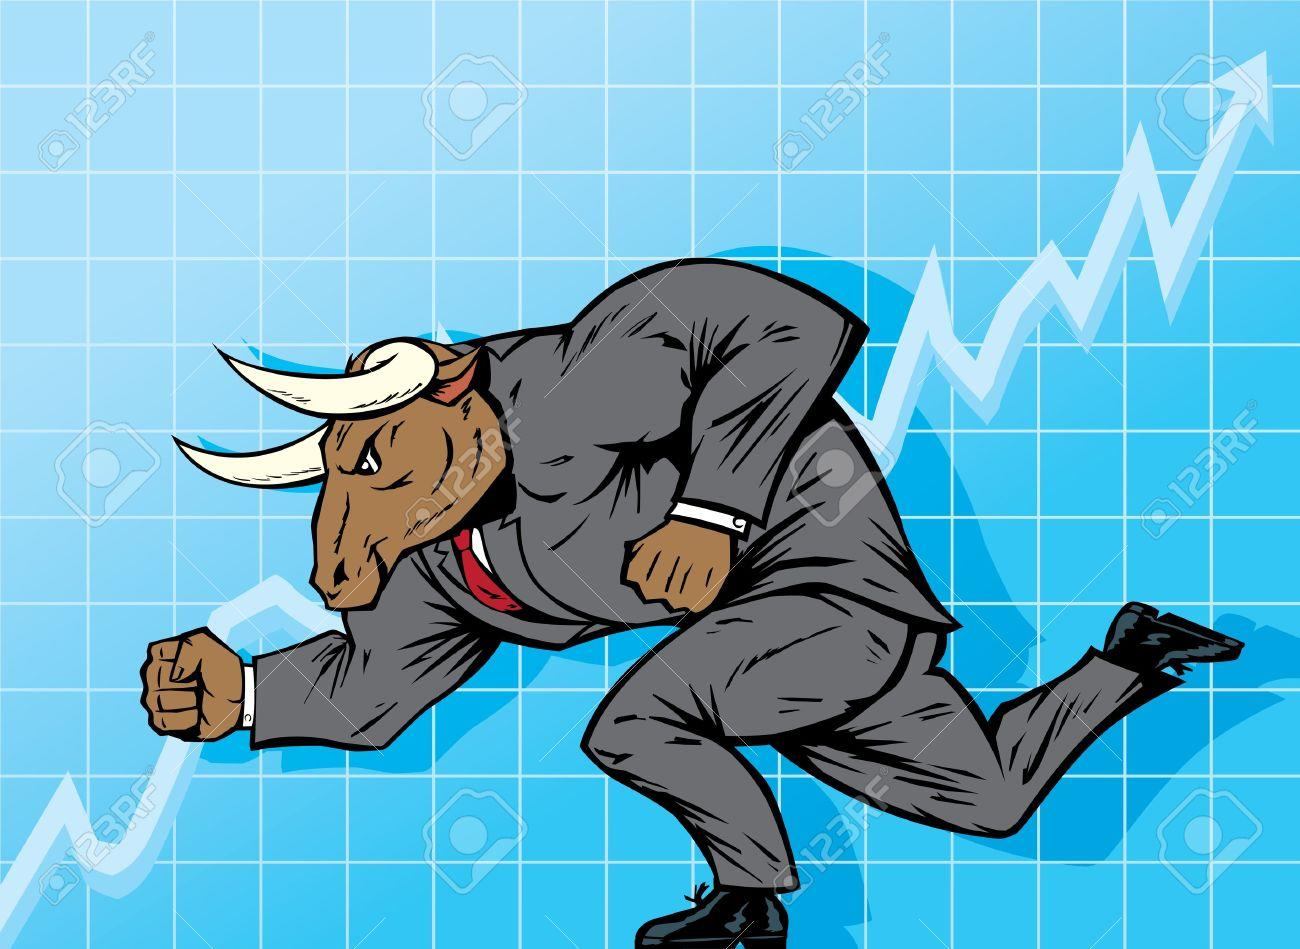 Nhận định thị trường ngày 20/6: 'Có cơ hội hình thành nhịp hồi ngắn'